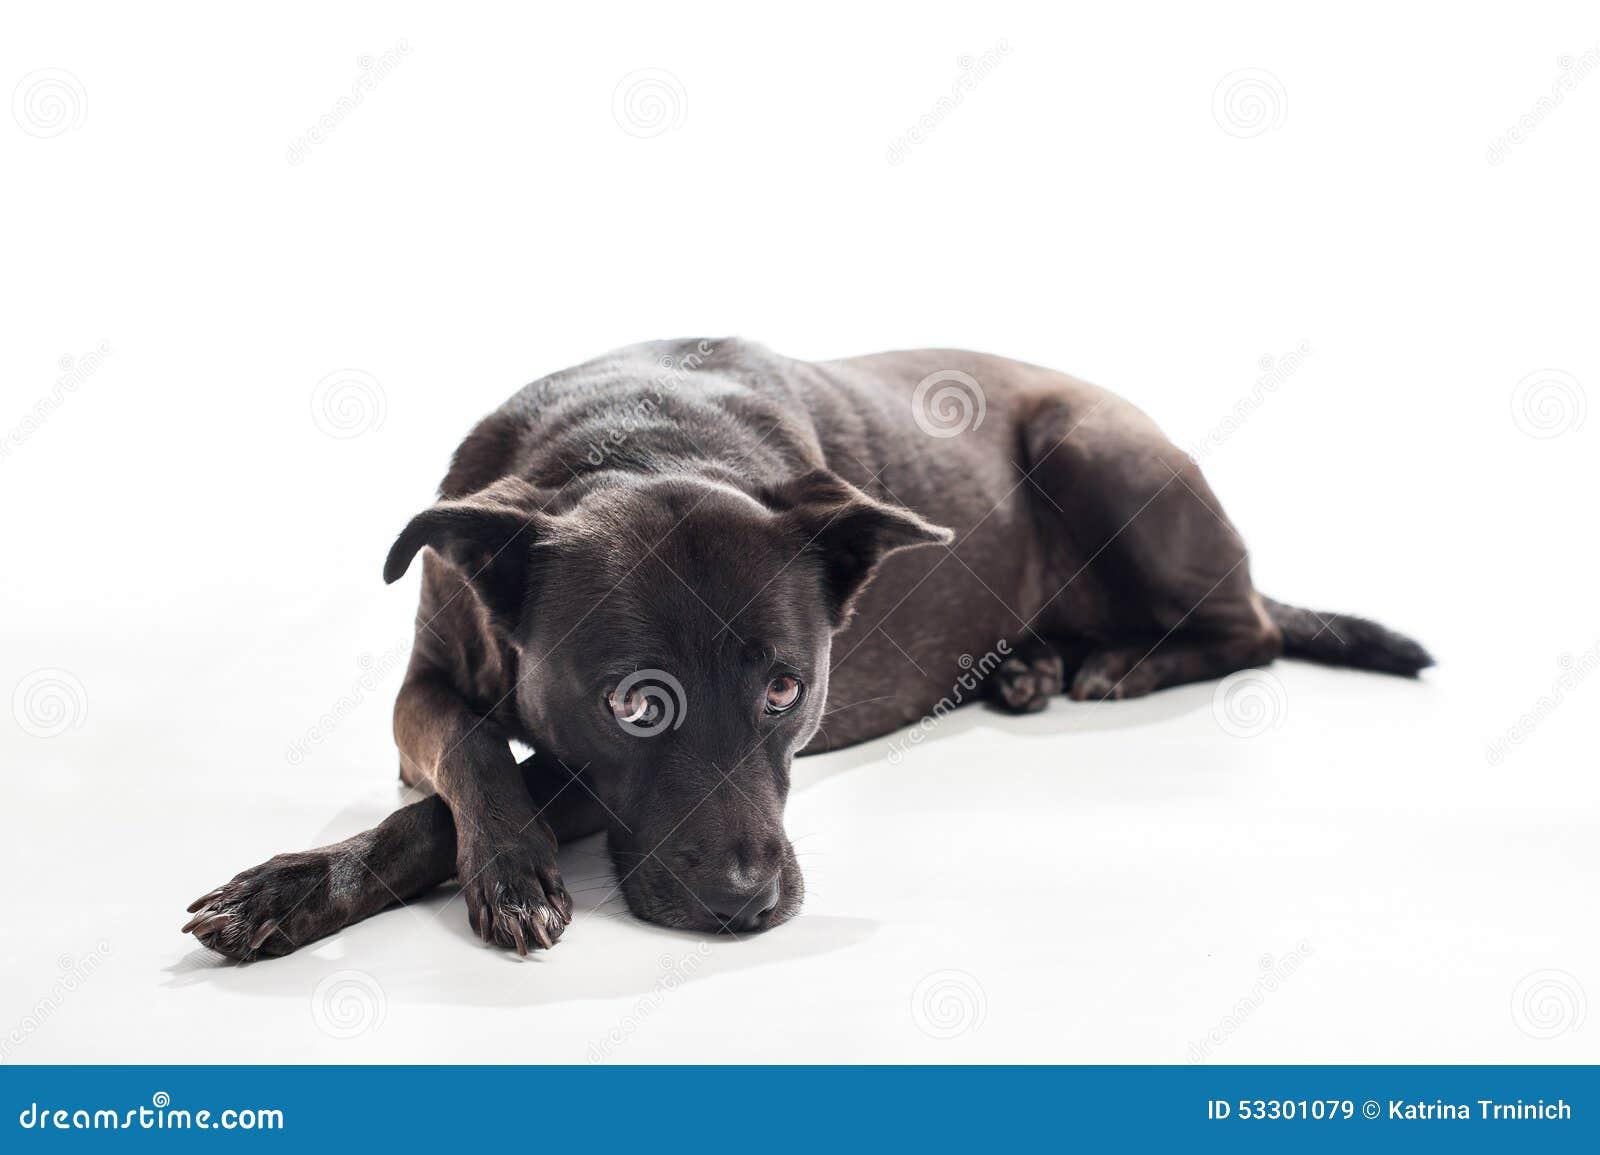 Black dog lying on back - photo#3